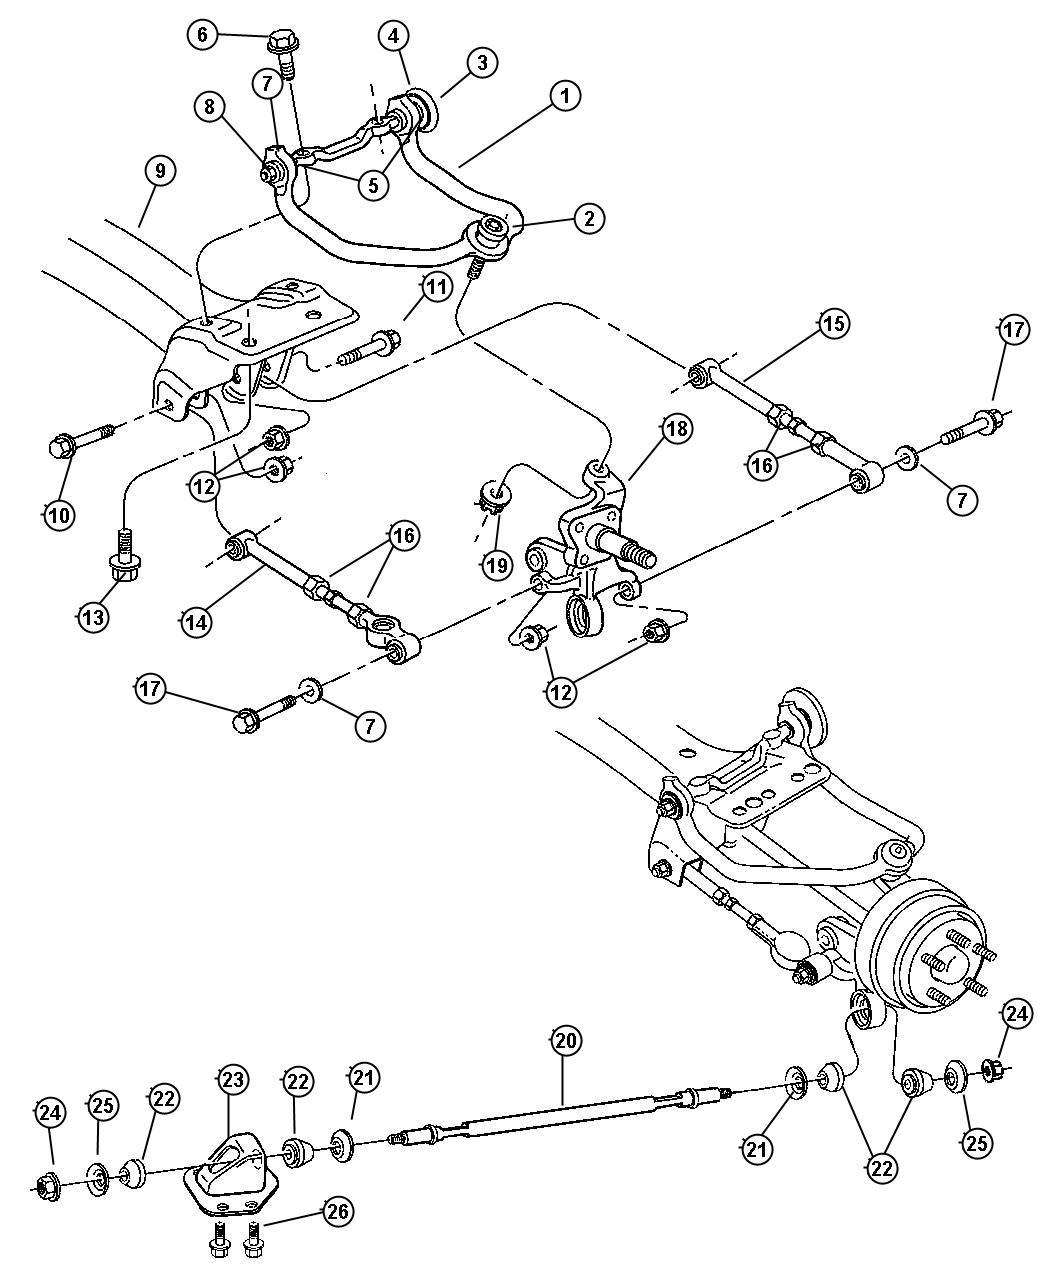 dodge stratus lower control arm diagram